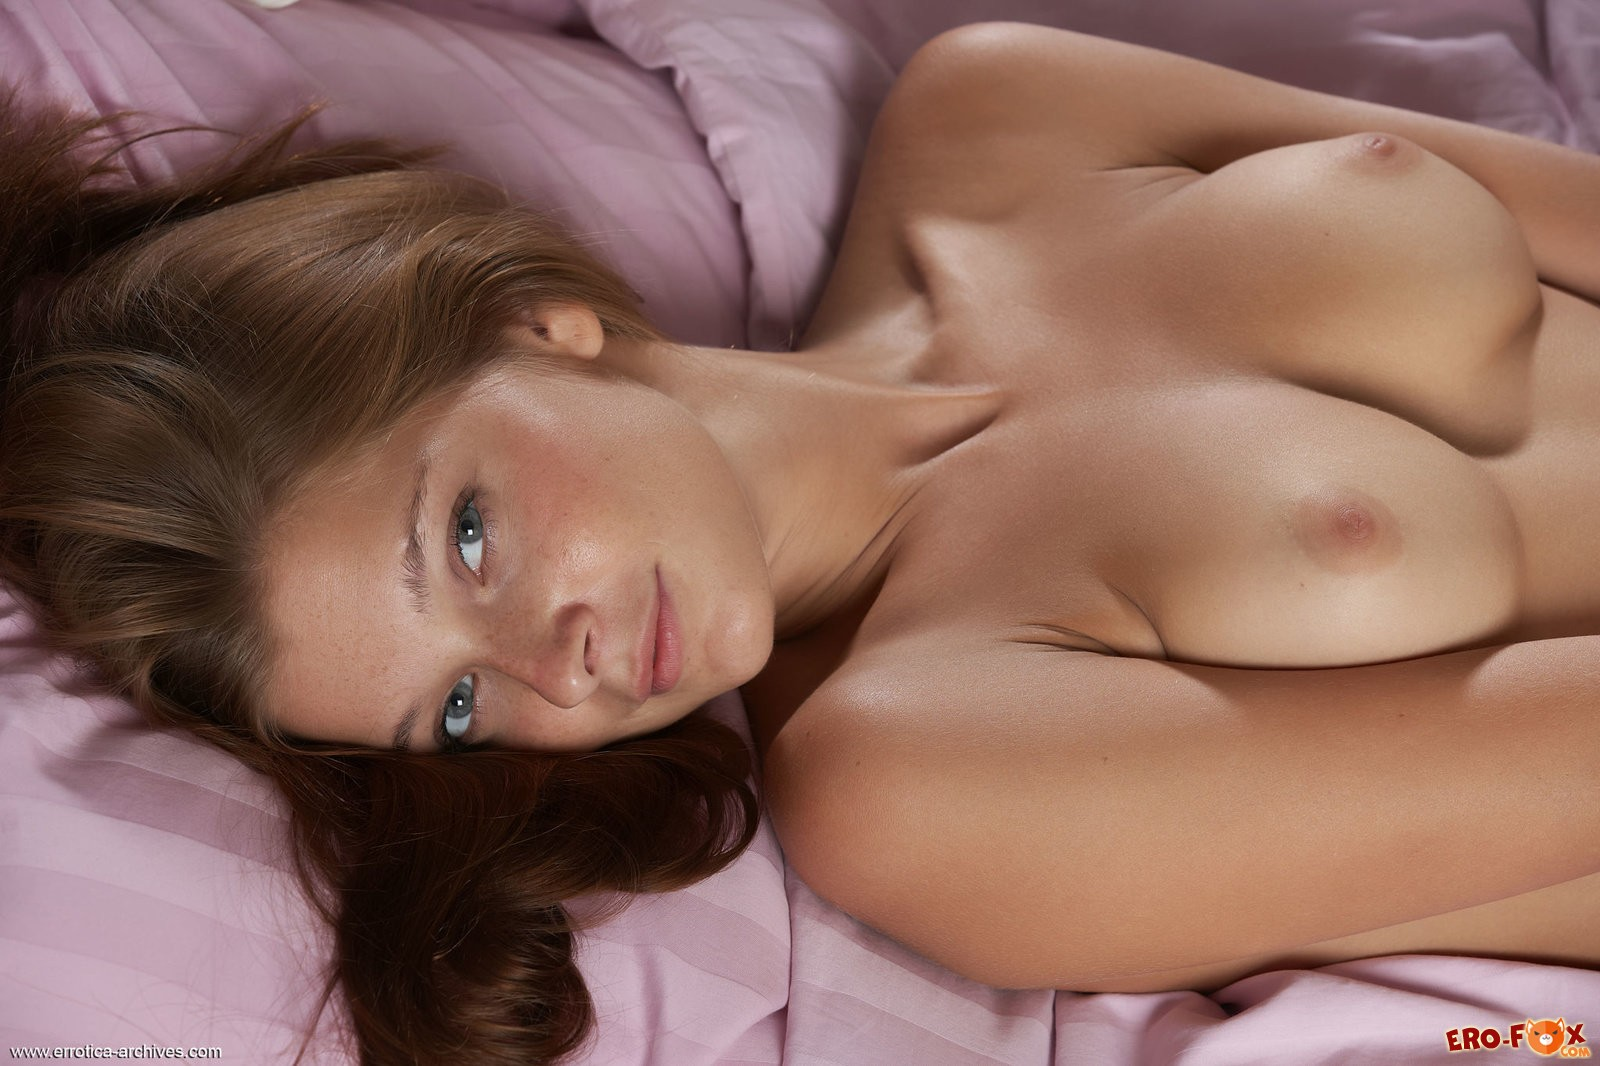 Голая девушка лежит в постели